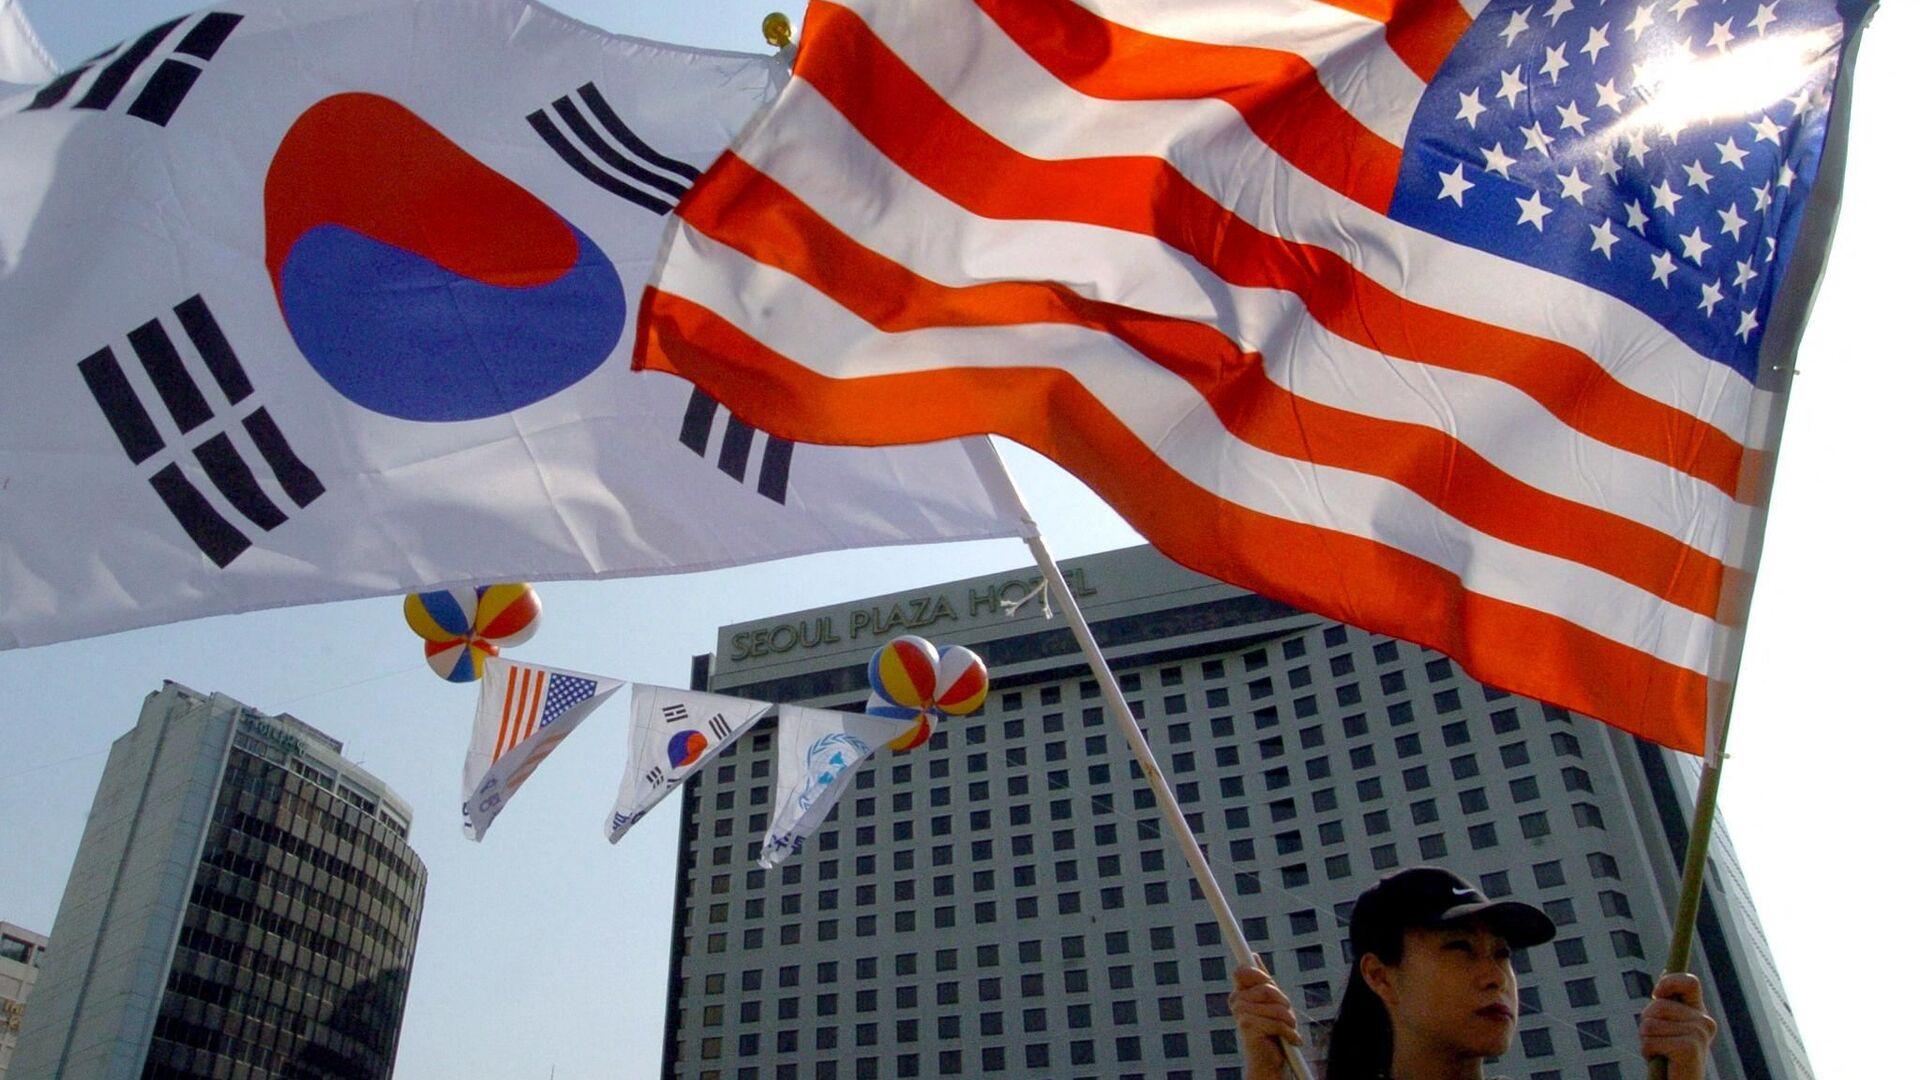 Bandiere USA e Corea del Sud - Sputnik Italia, 1920, 21.05.2021